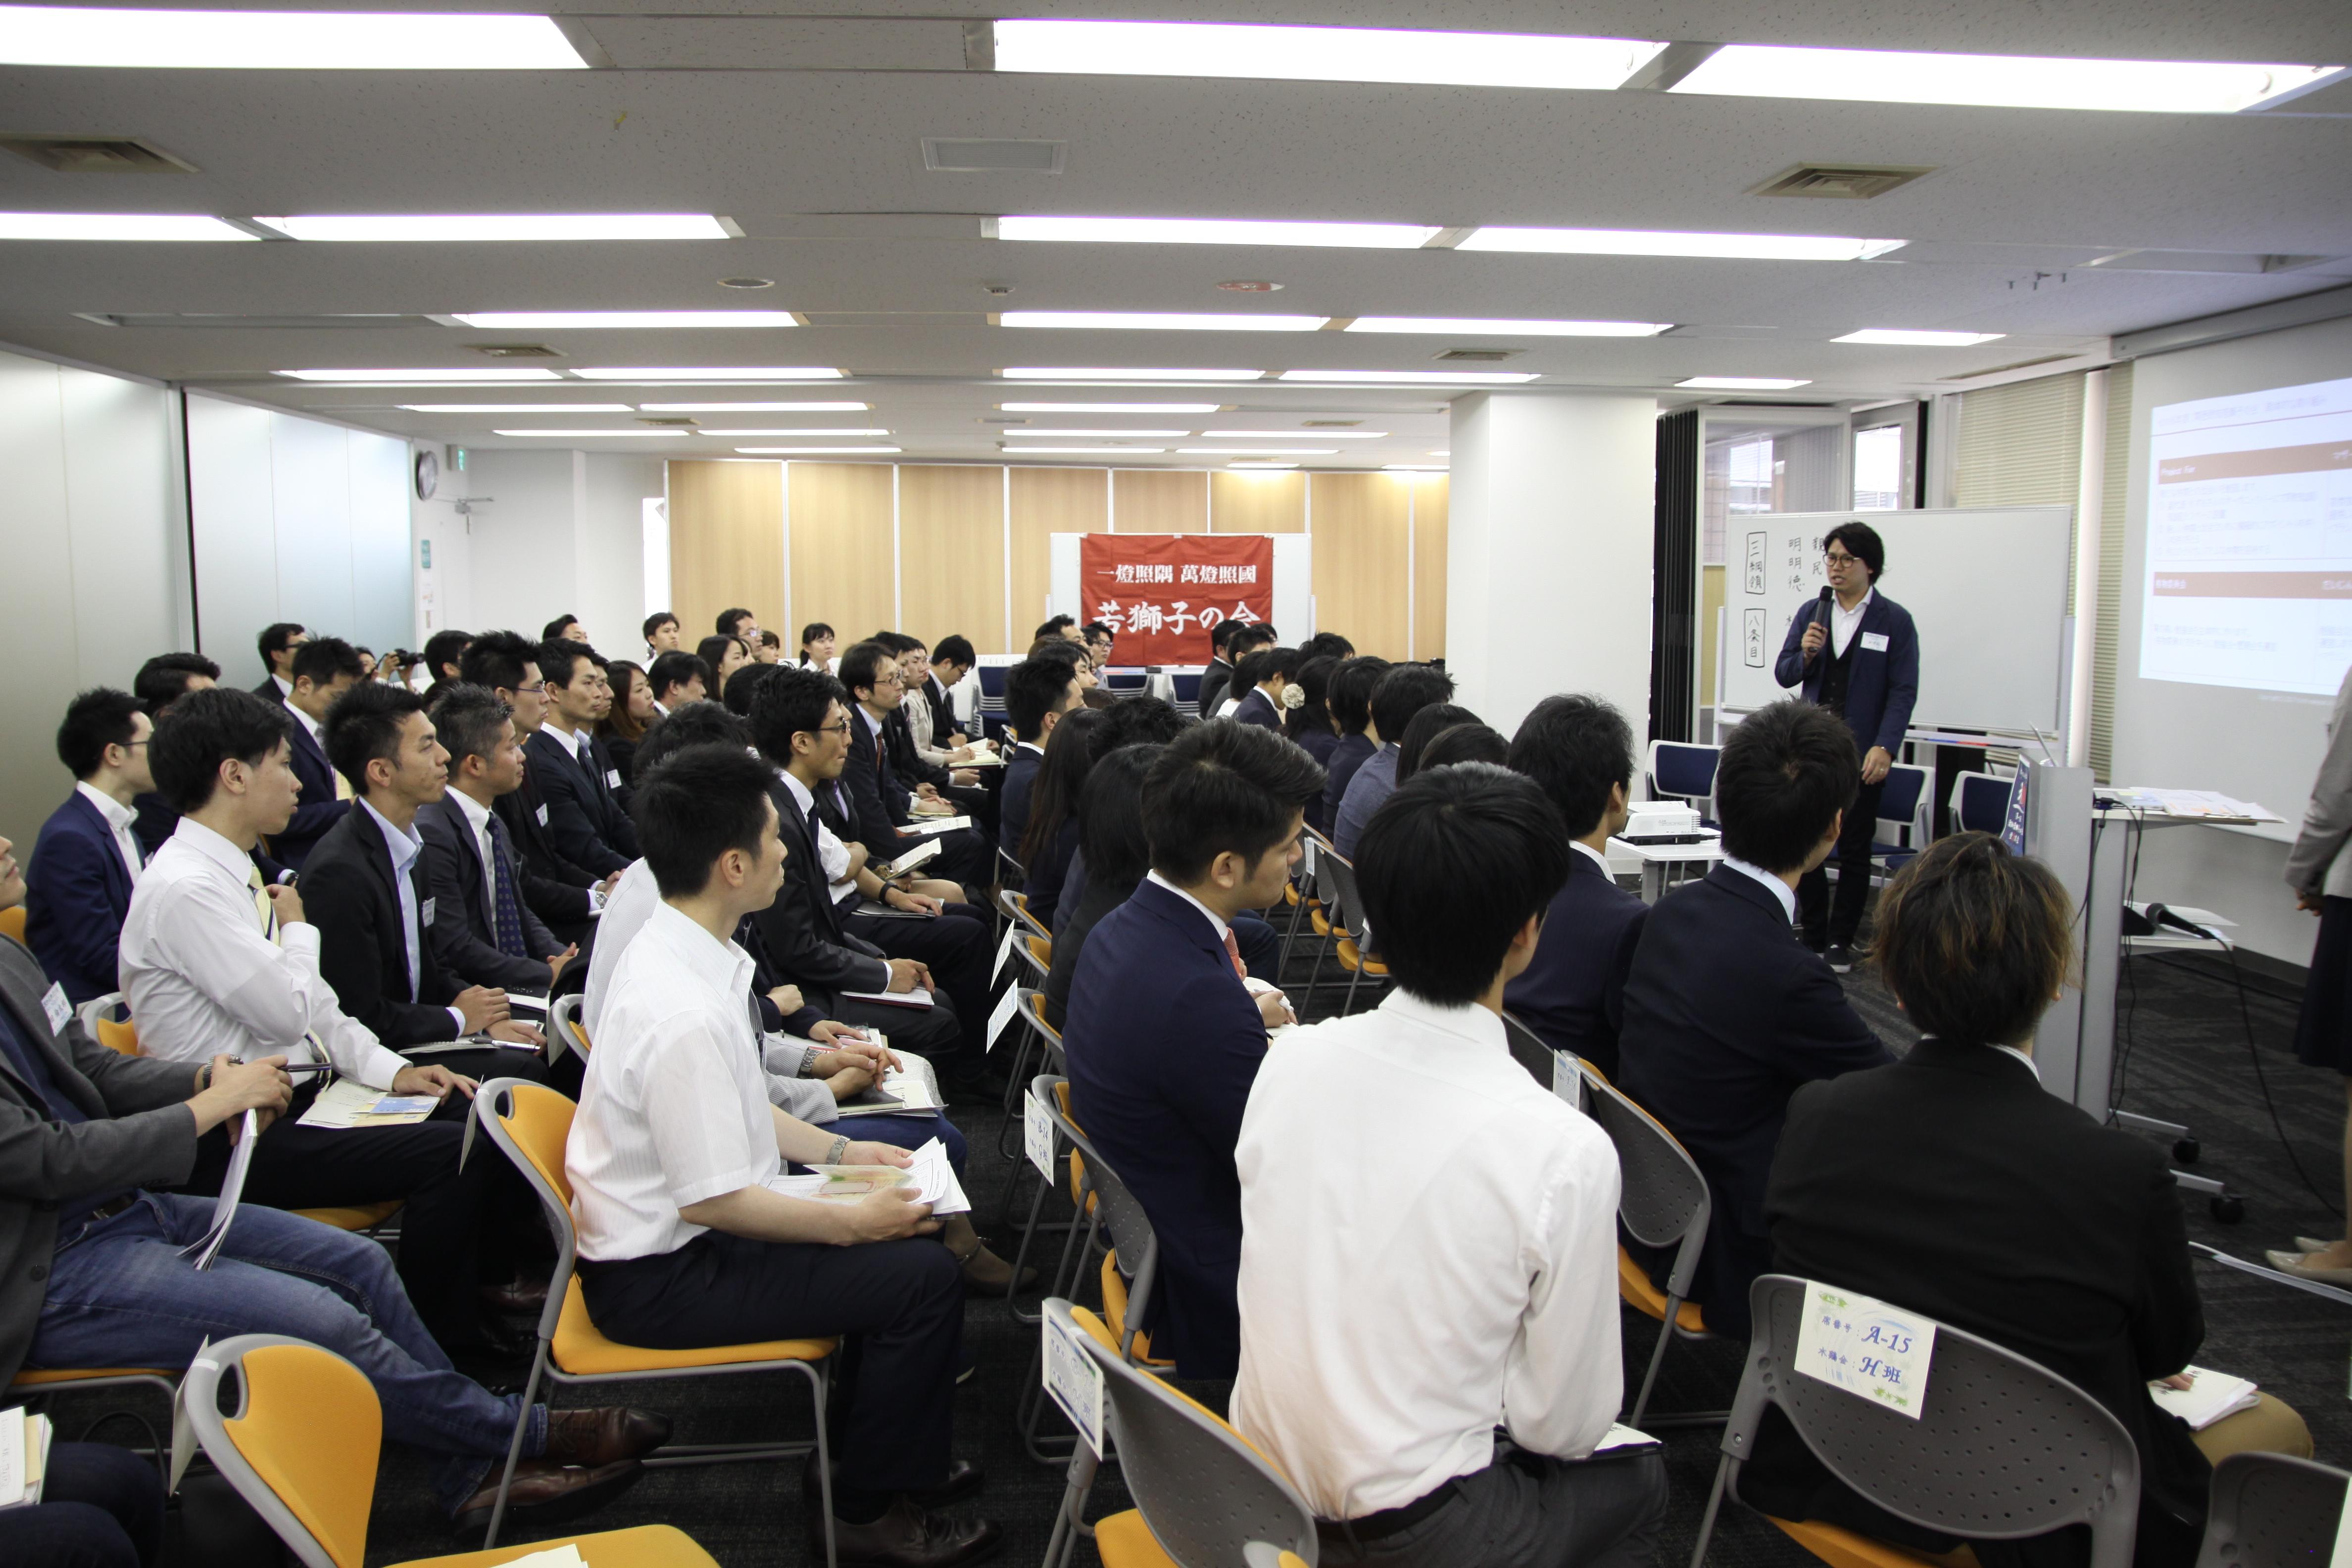 IMG 4707 - 関東若獅子の会、記念すべき第100回